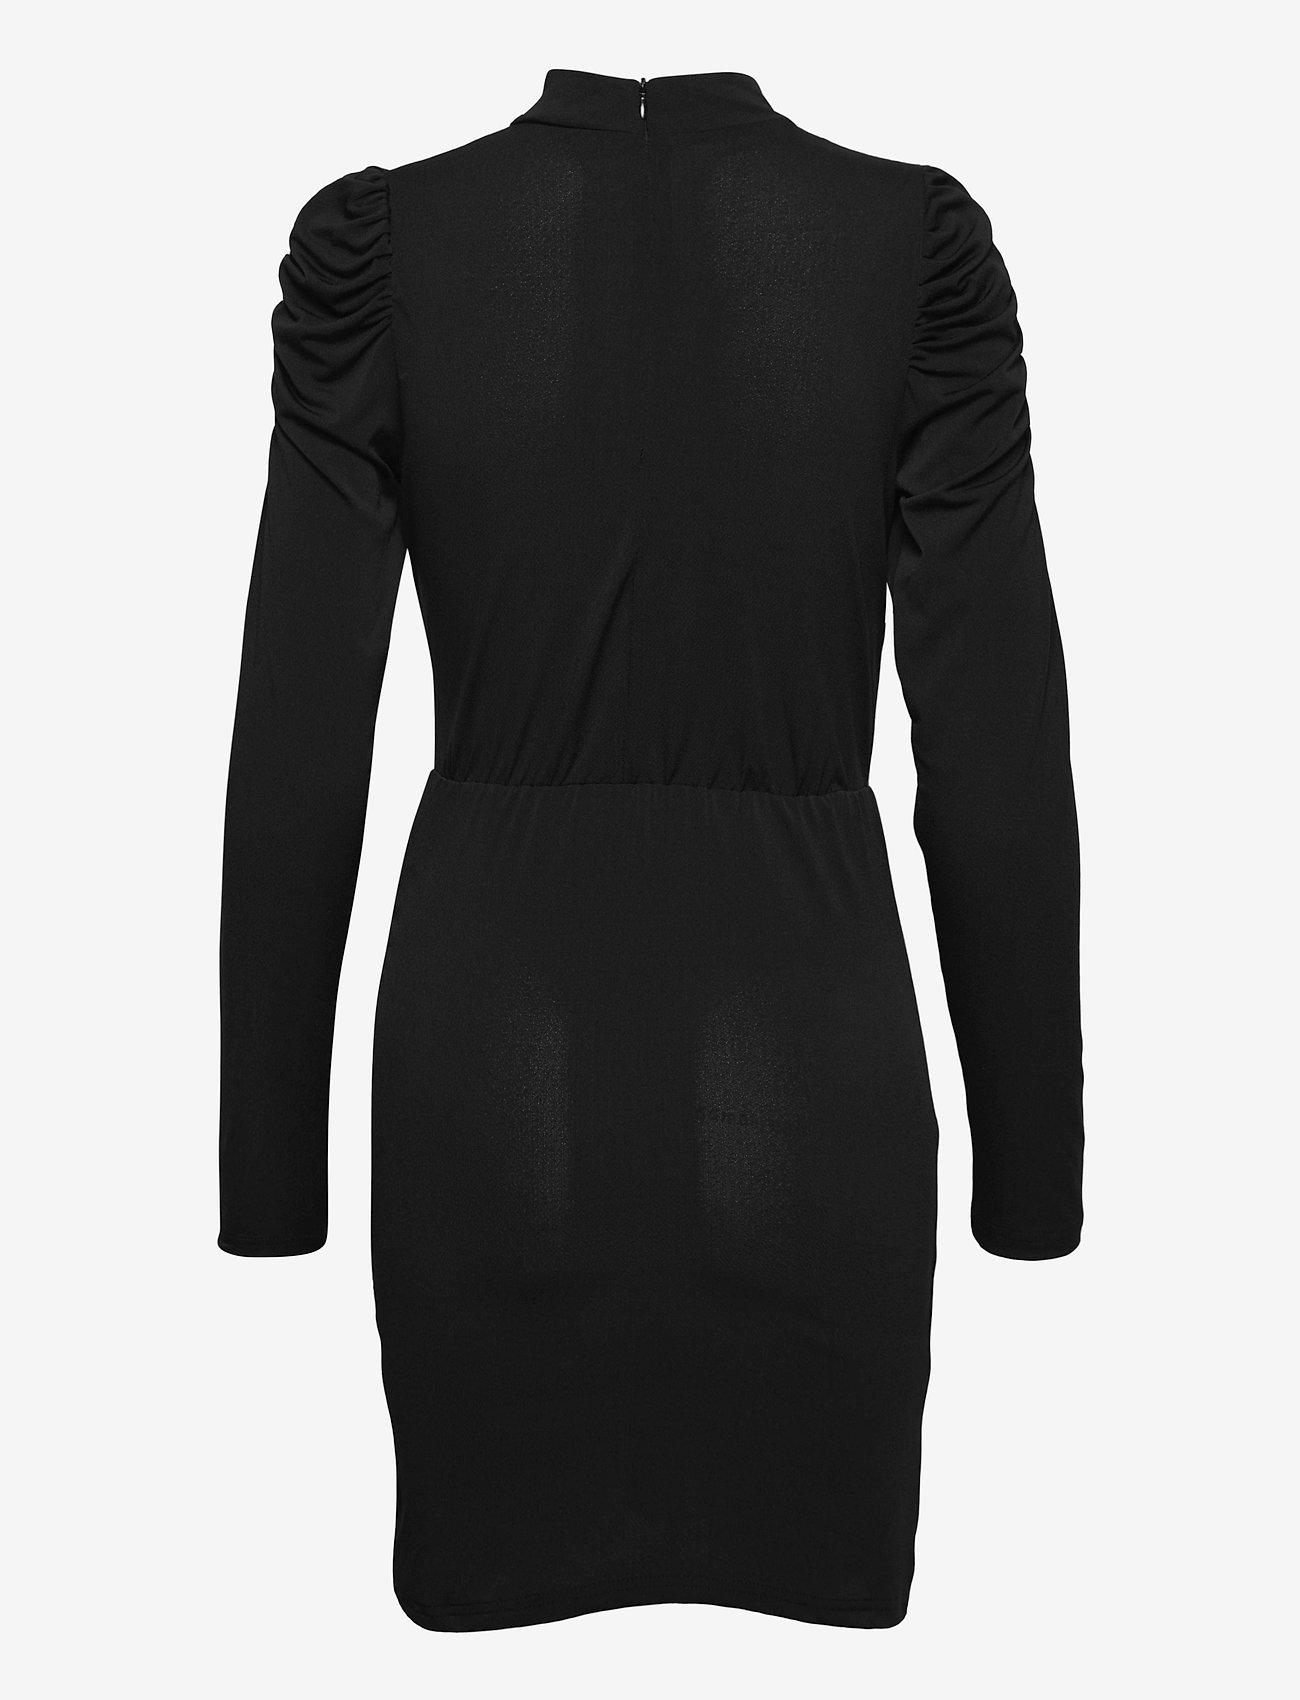 Vero Moda - VMJAYDA LS SHORT DRESS JRS GA BOO - cocktailklänningar - black - 1